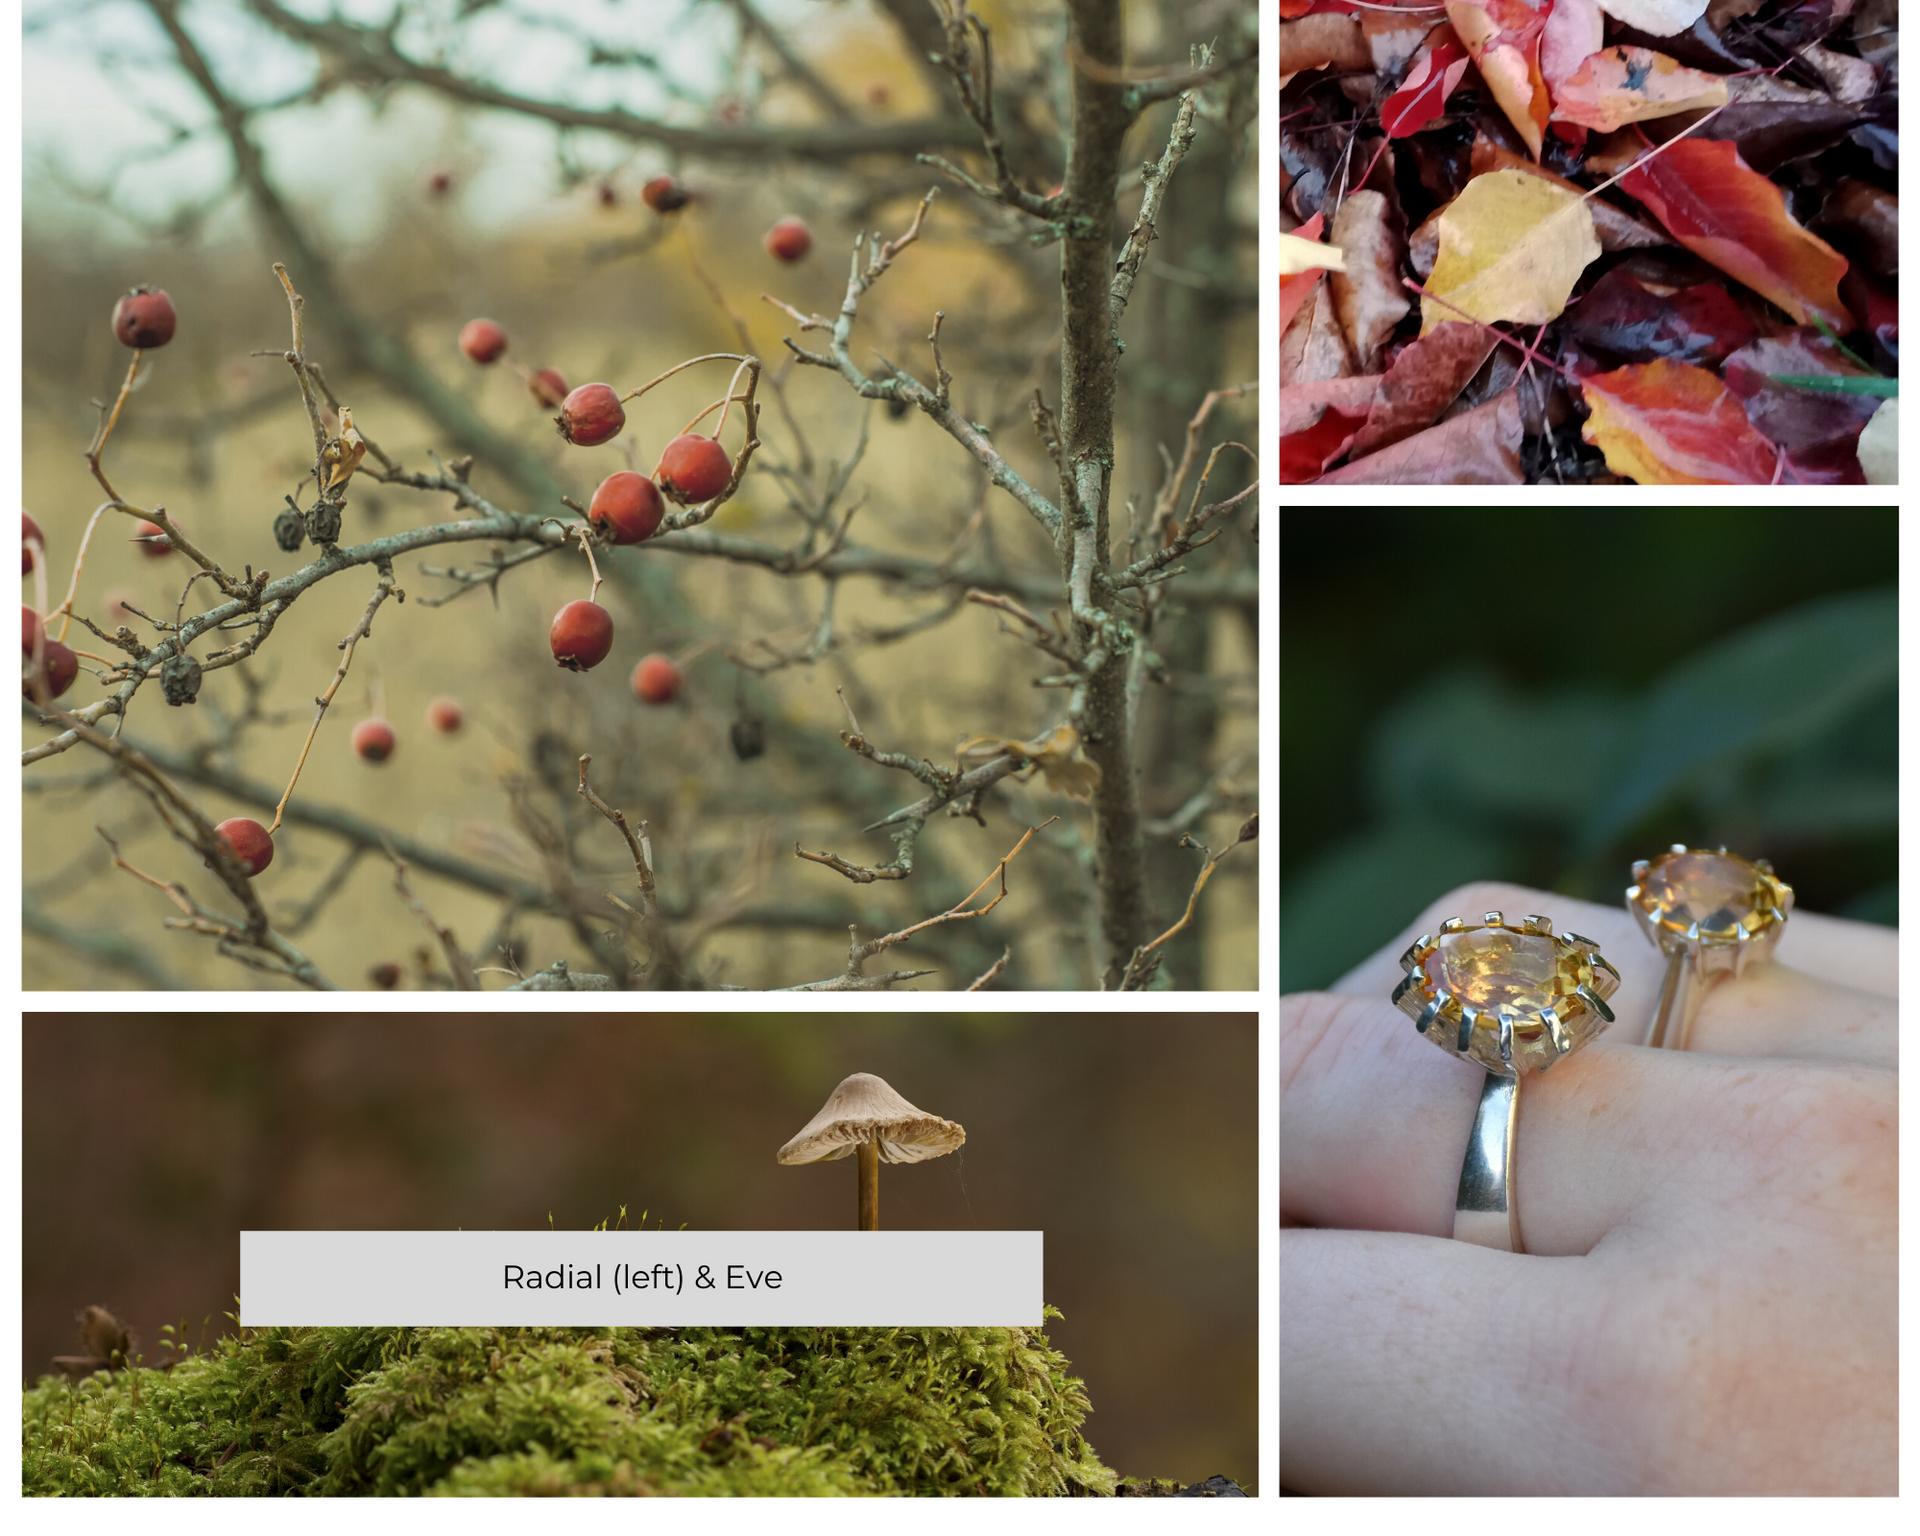 Radial & Eve Rings